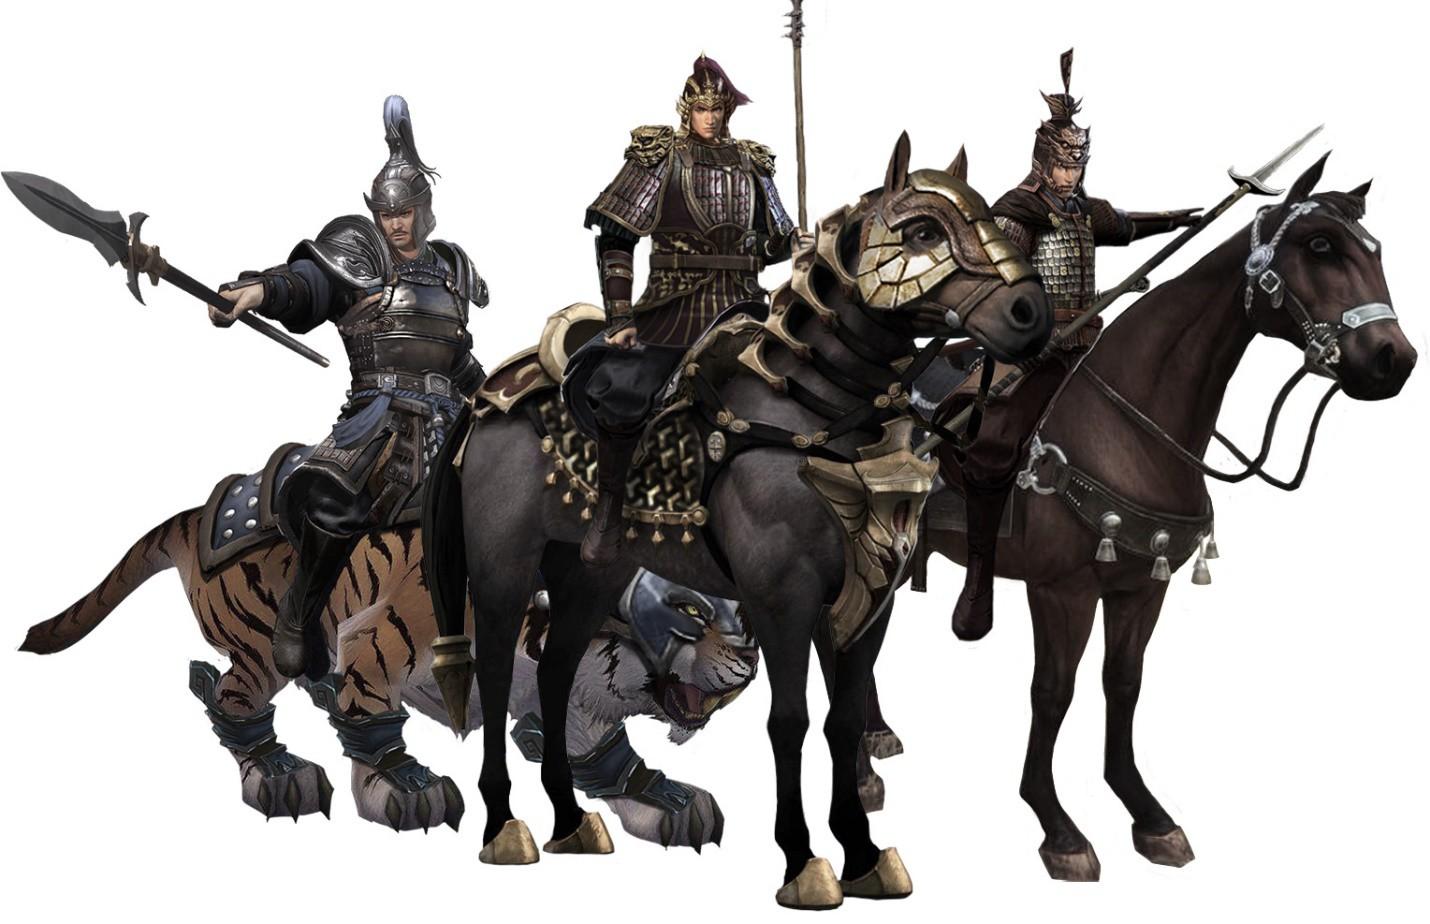 Đọc ngay cẩm nang binh chủng nếu muốn trở thành Hoàng Đế trong Long Đồ Bá Nghiệp ra mắt tháng 1 - Ảnh 7.